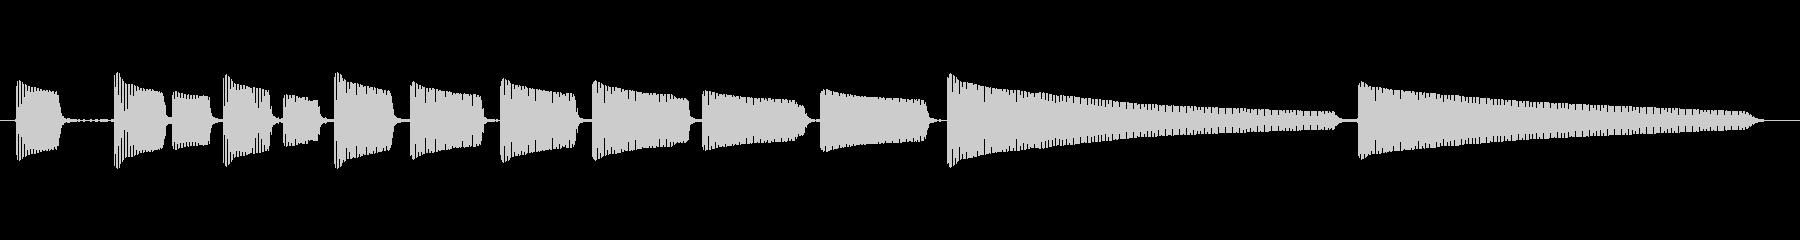 エレキギター5弦チューニング3の未再生の波形